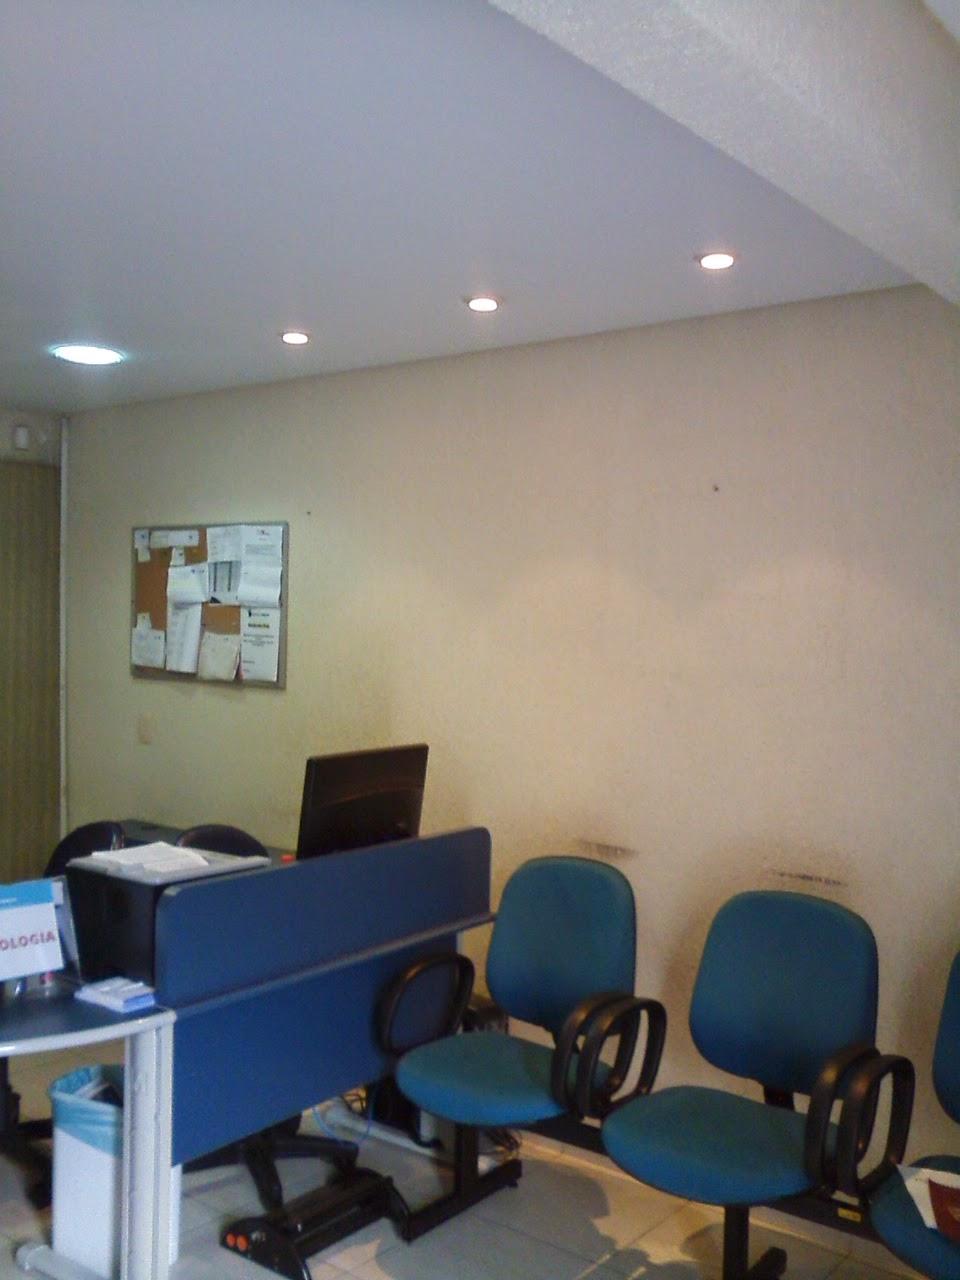 Carlos pintor desafio pintar sobre o papel de parede d for Papel de pared para pintar